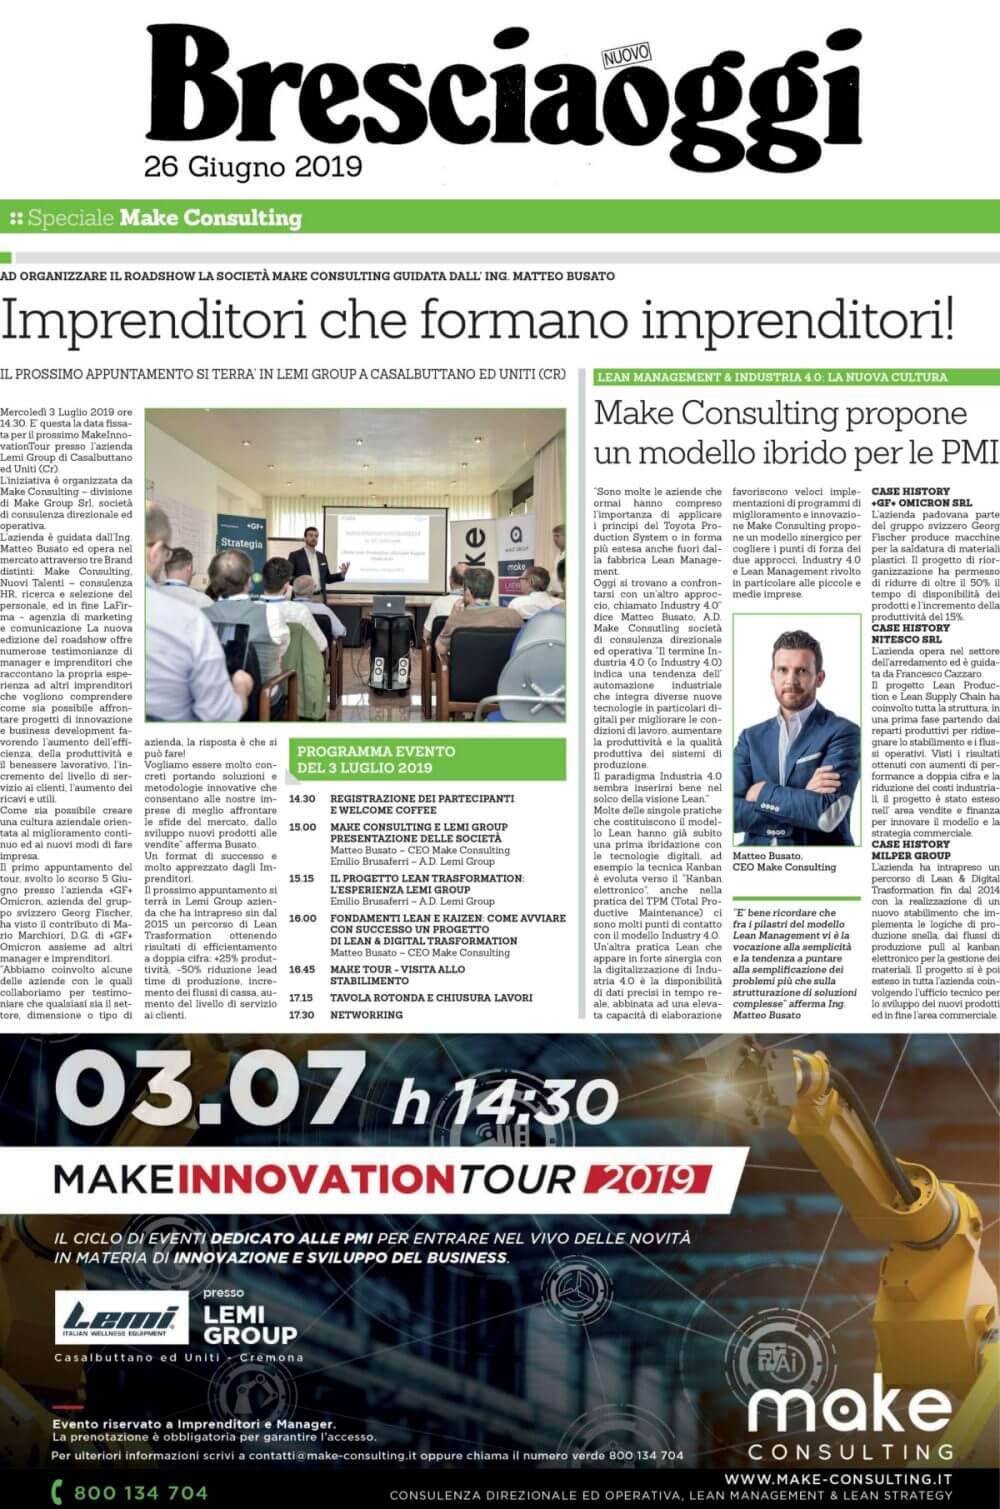 Innovazione-brescia-oggi-giugno2019